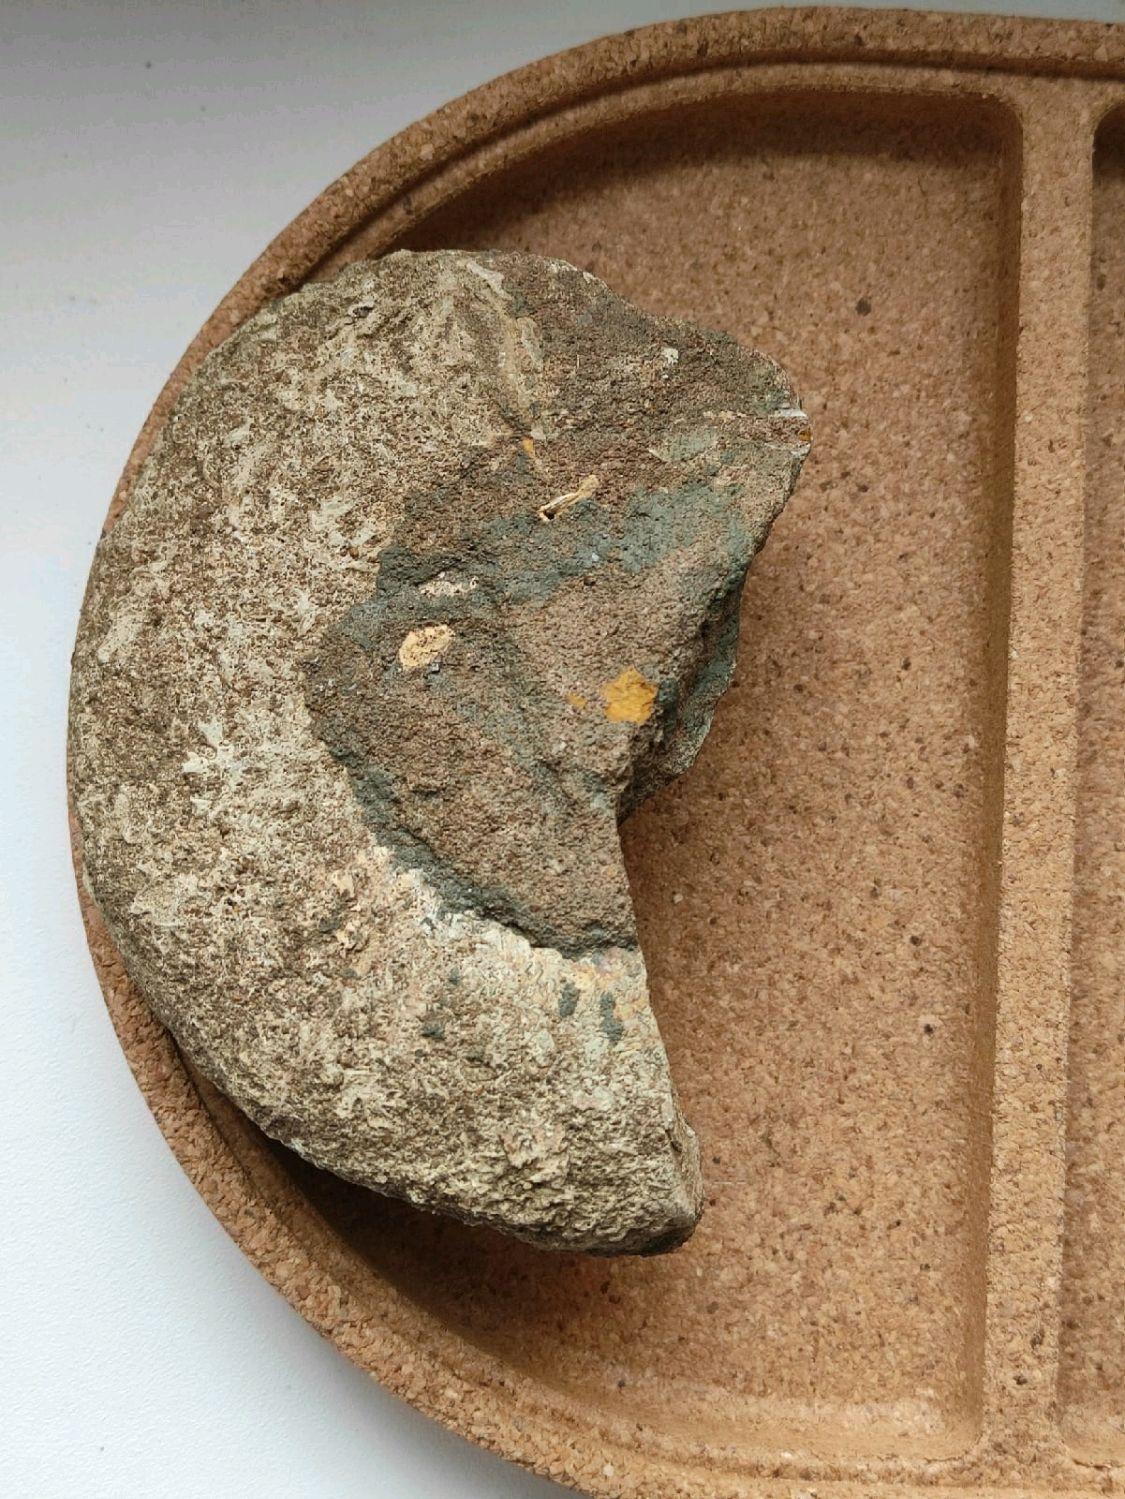 Аммонит в породе. Минерал для коллекционирования, Камни, Санкт-Петербург,  Фото №1